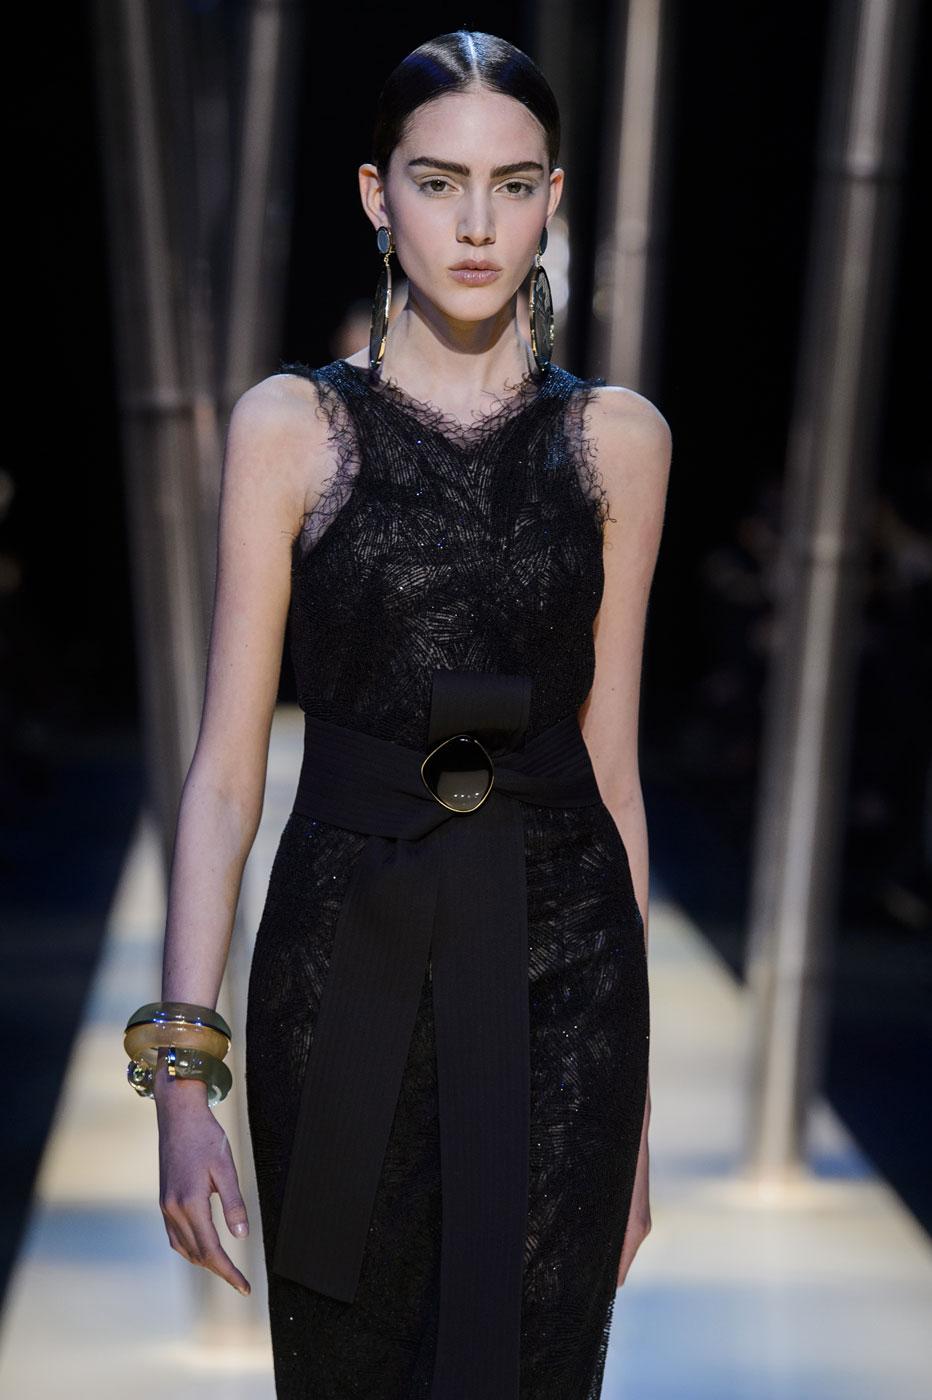 Giorgio-armani-Prive-fashion-runway-show-haute-couture-paris-spring-2015-the-impression-102